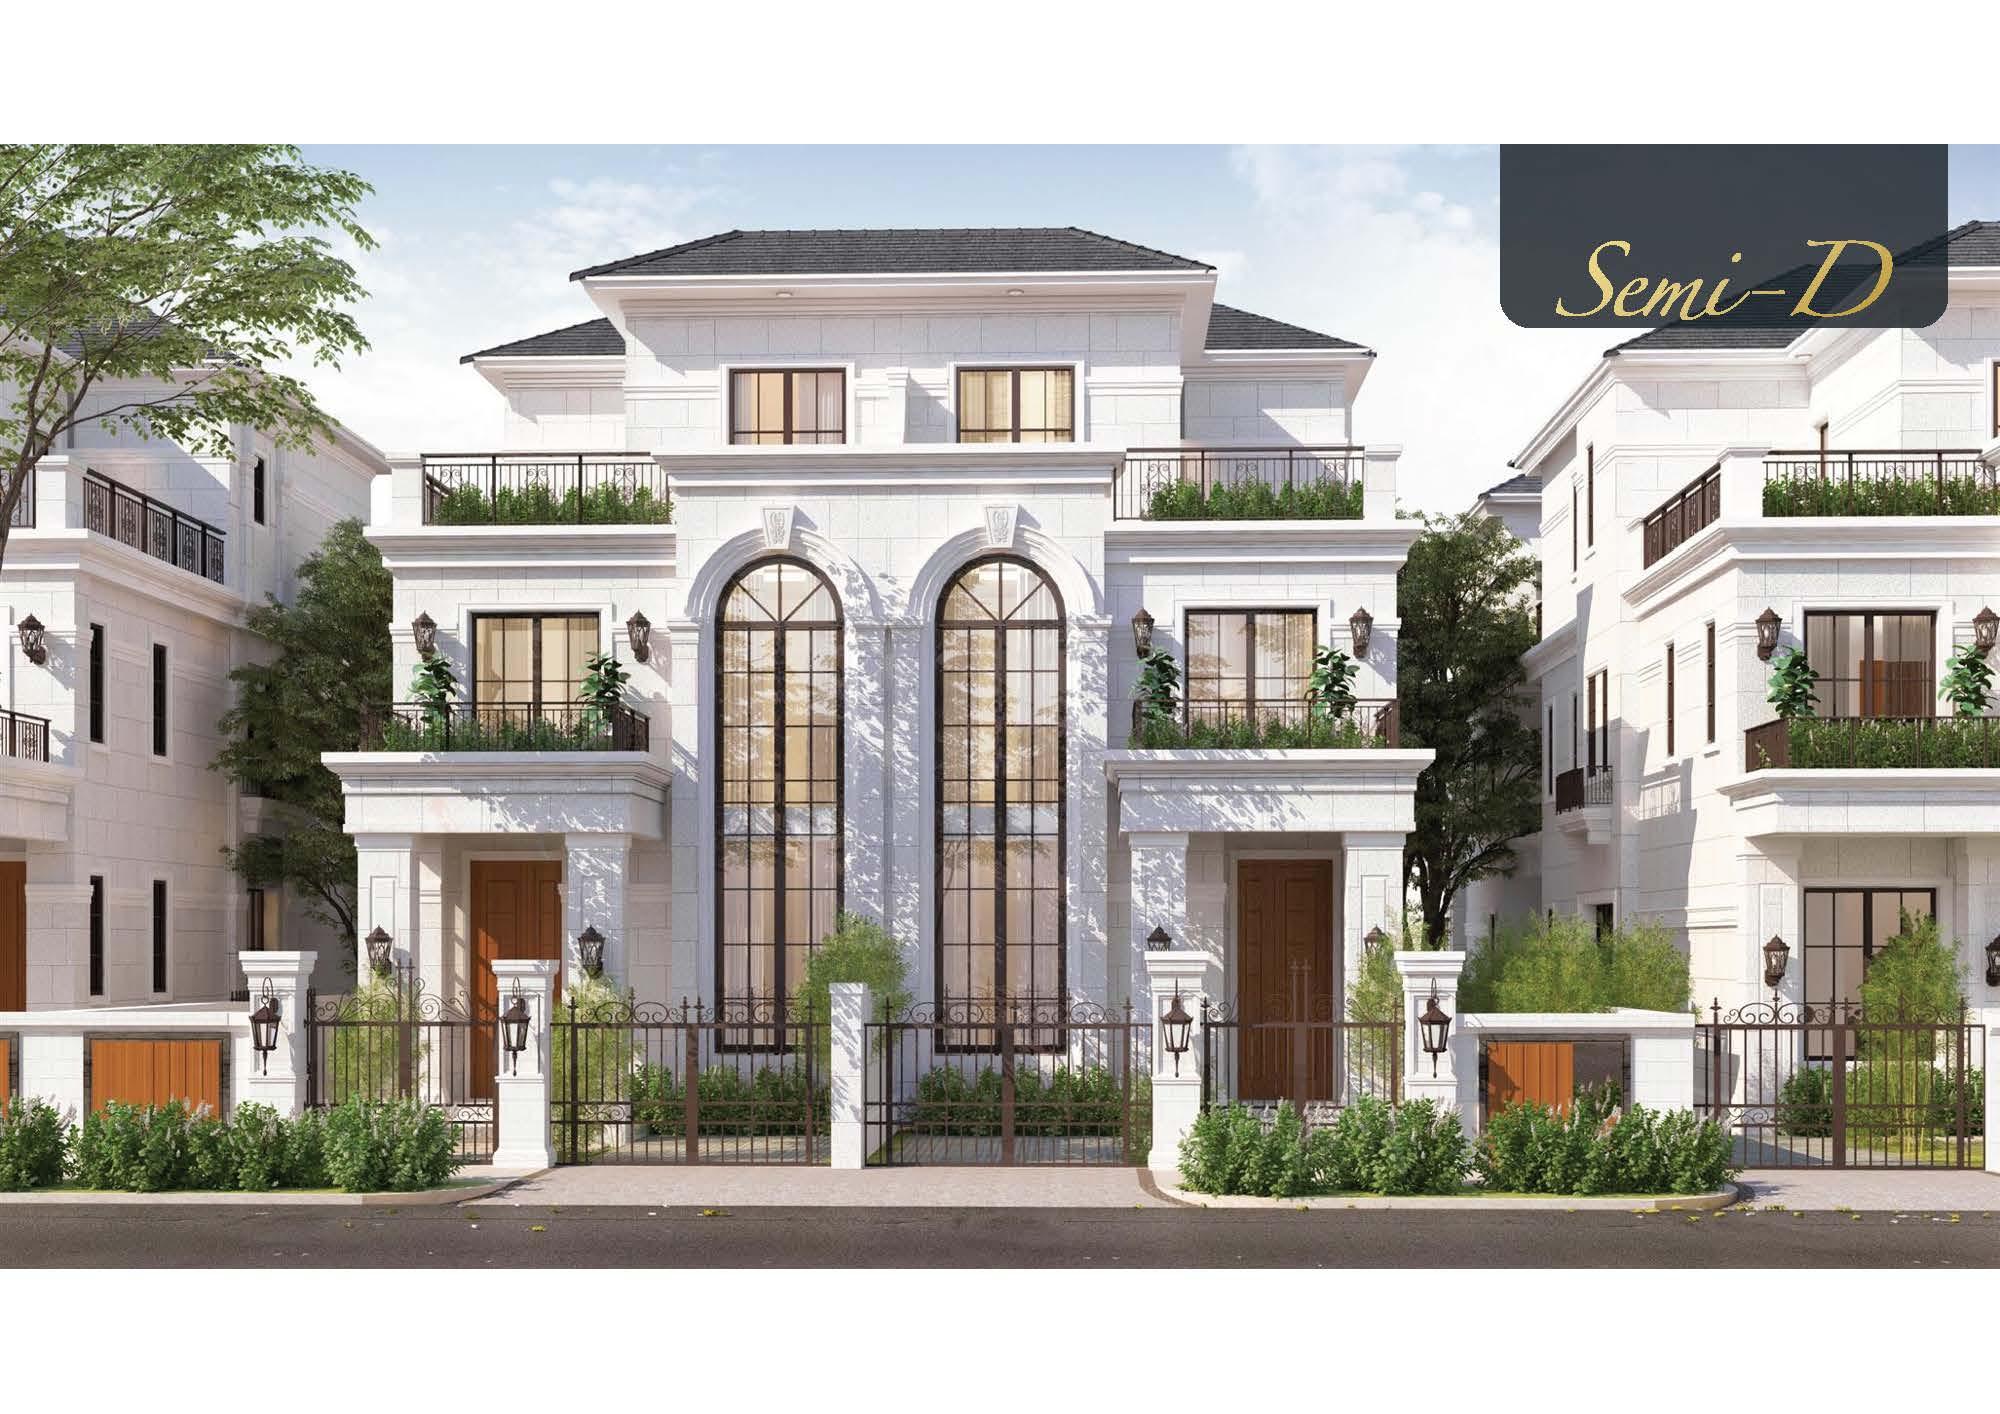 thiết kế nội thất biệt thự Swanbay - phối cảnh kiến trúc